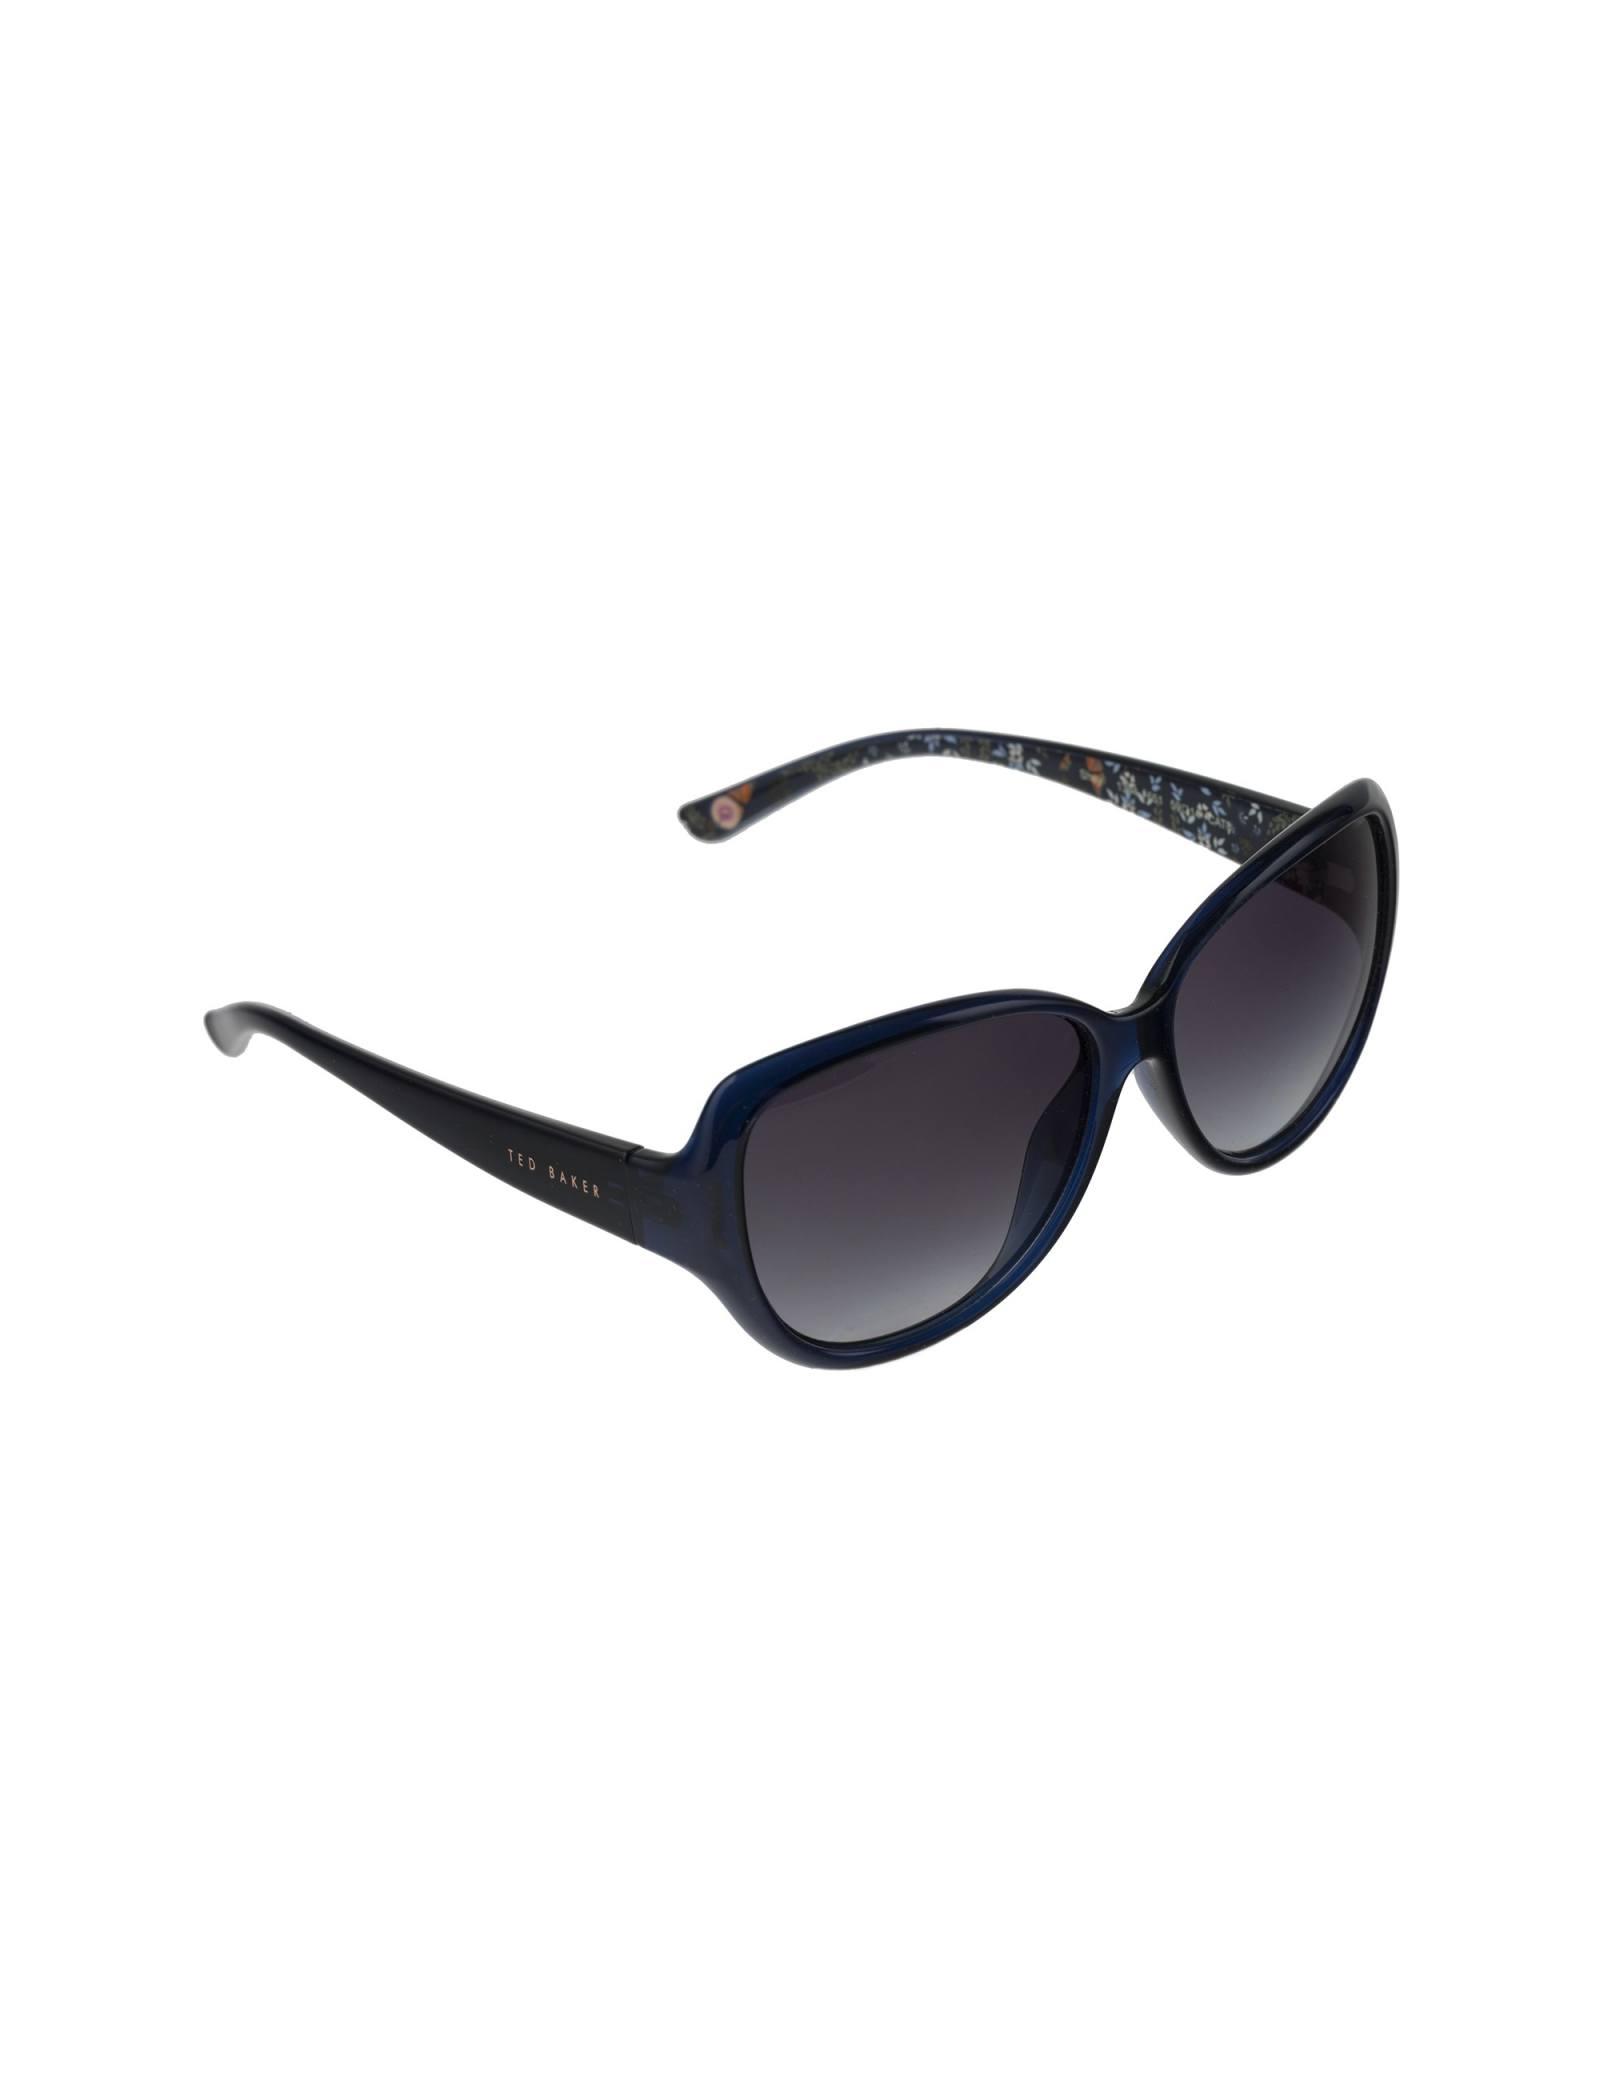 عینک آفتابی گربه ای زنانه - تد بیکر - آبي   - 2